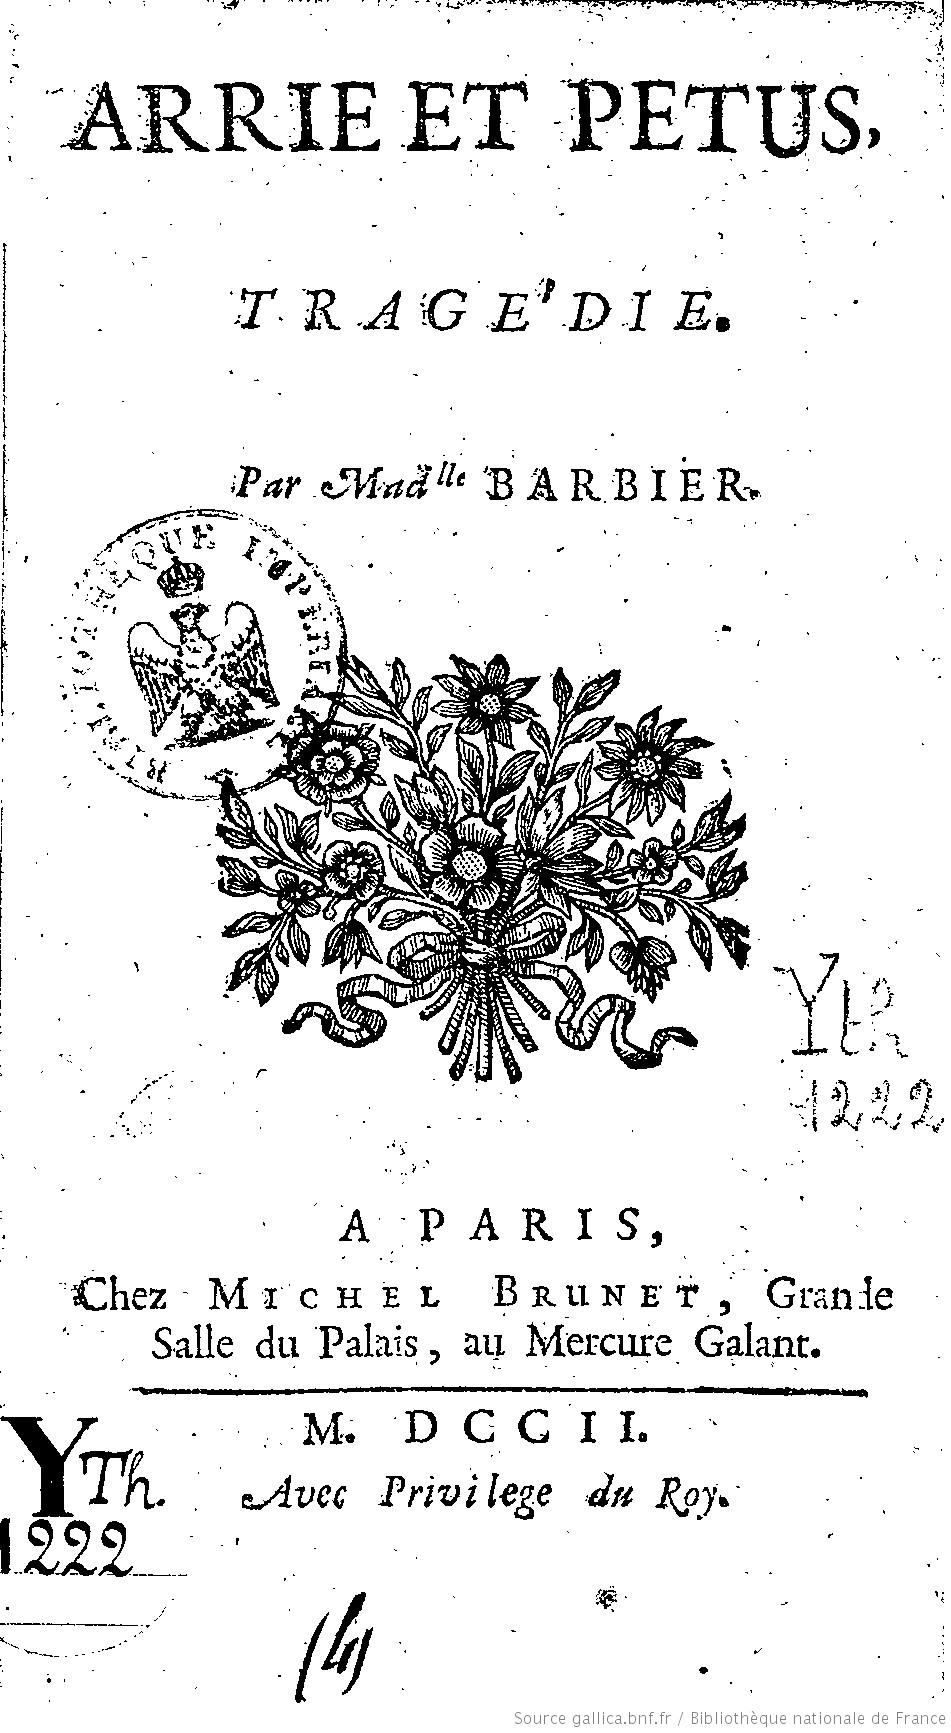 Œuvrer à sa gloire et à celle de son sexe : la carrière littéraire de Marie-Anne Barbier (1664-1745?) (BnF, en ligne)